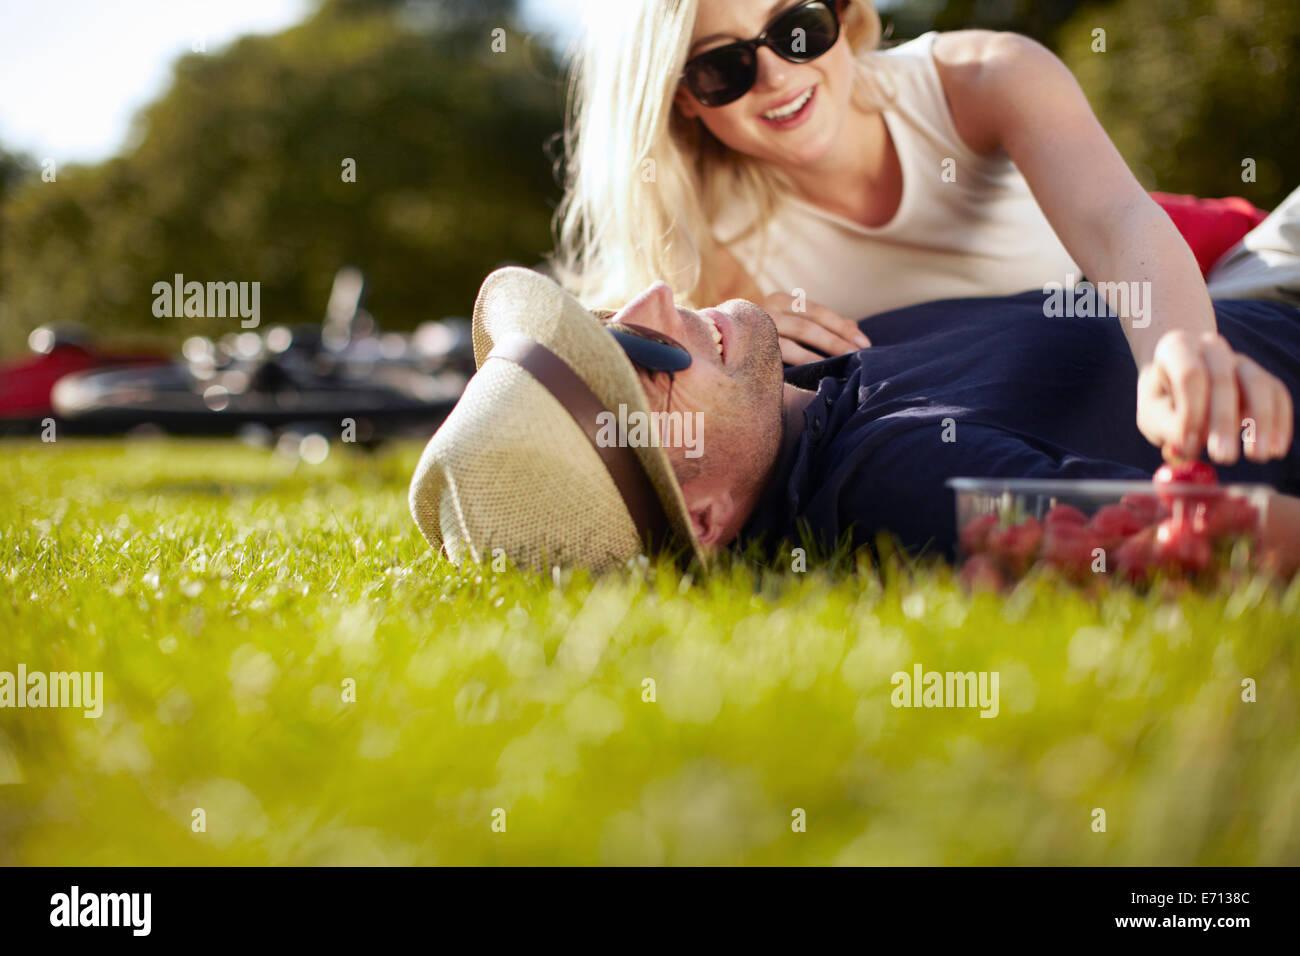 Junge Frau für Erdbeeren zu erreichen während Freund im Park liegen Stockbild